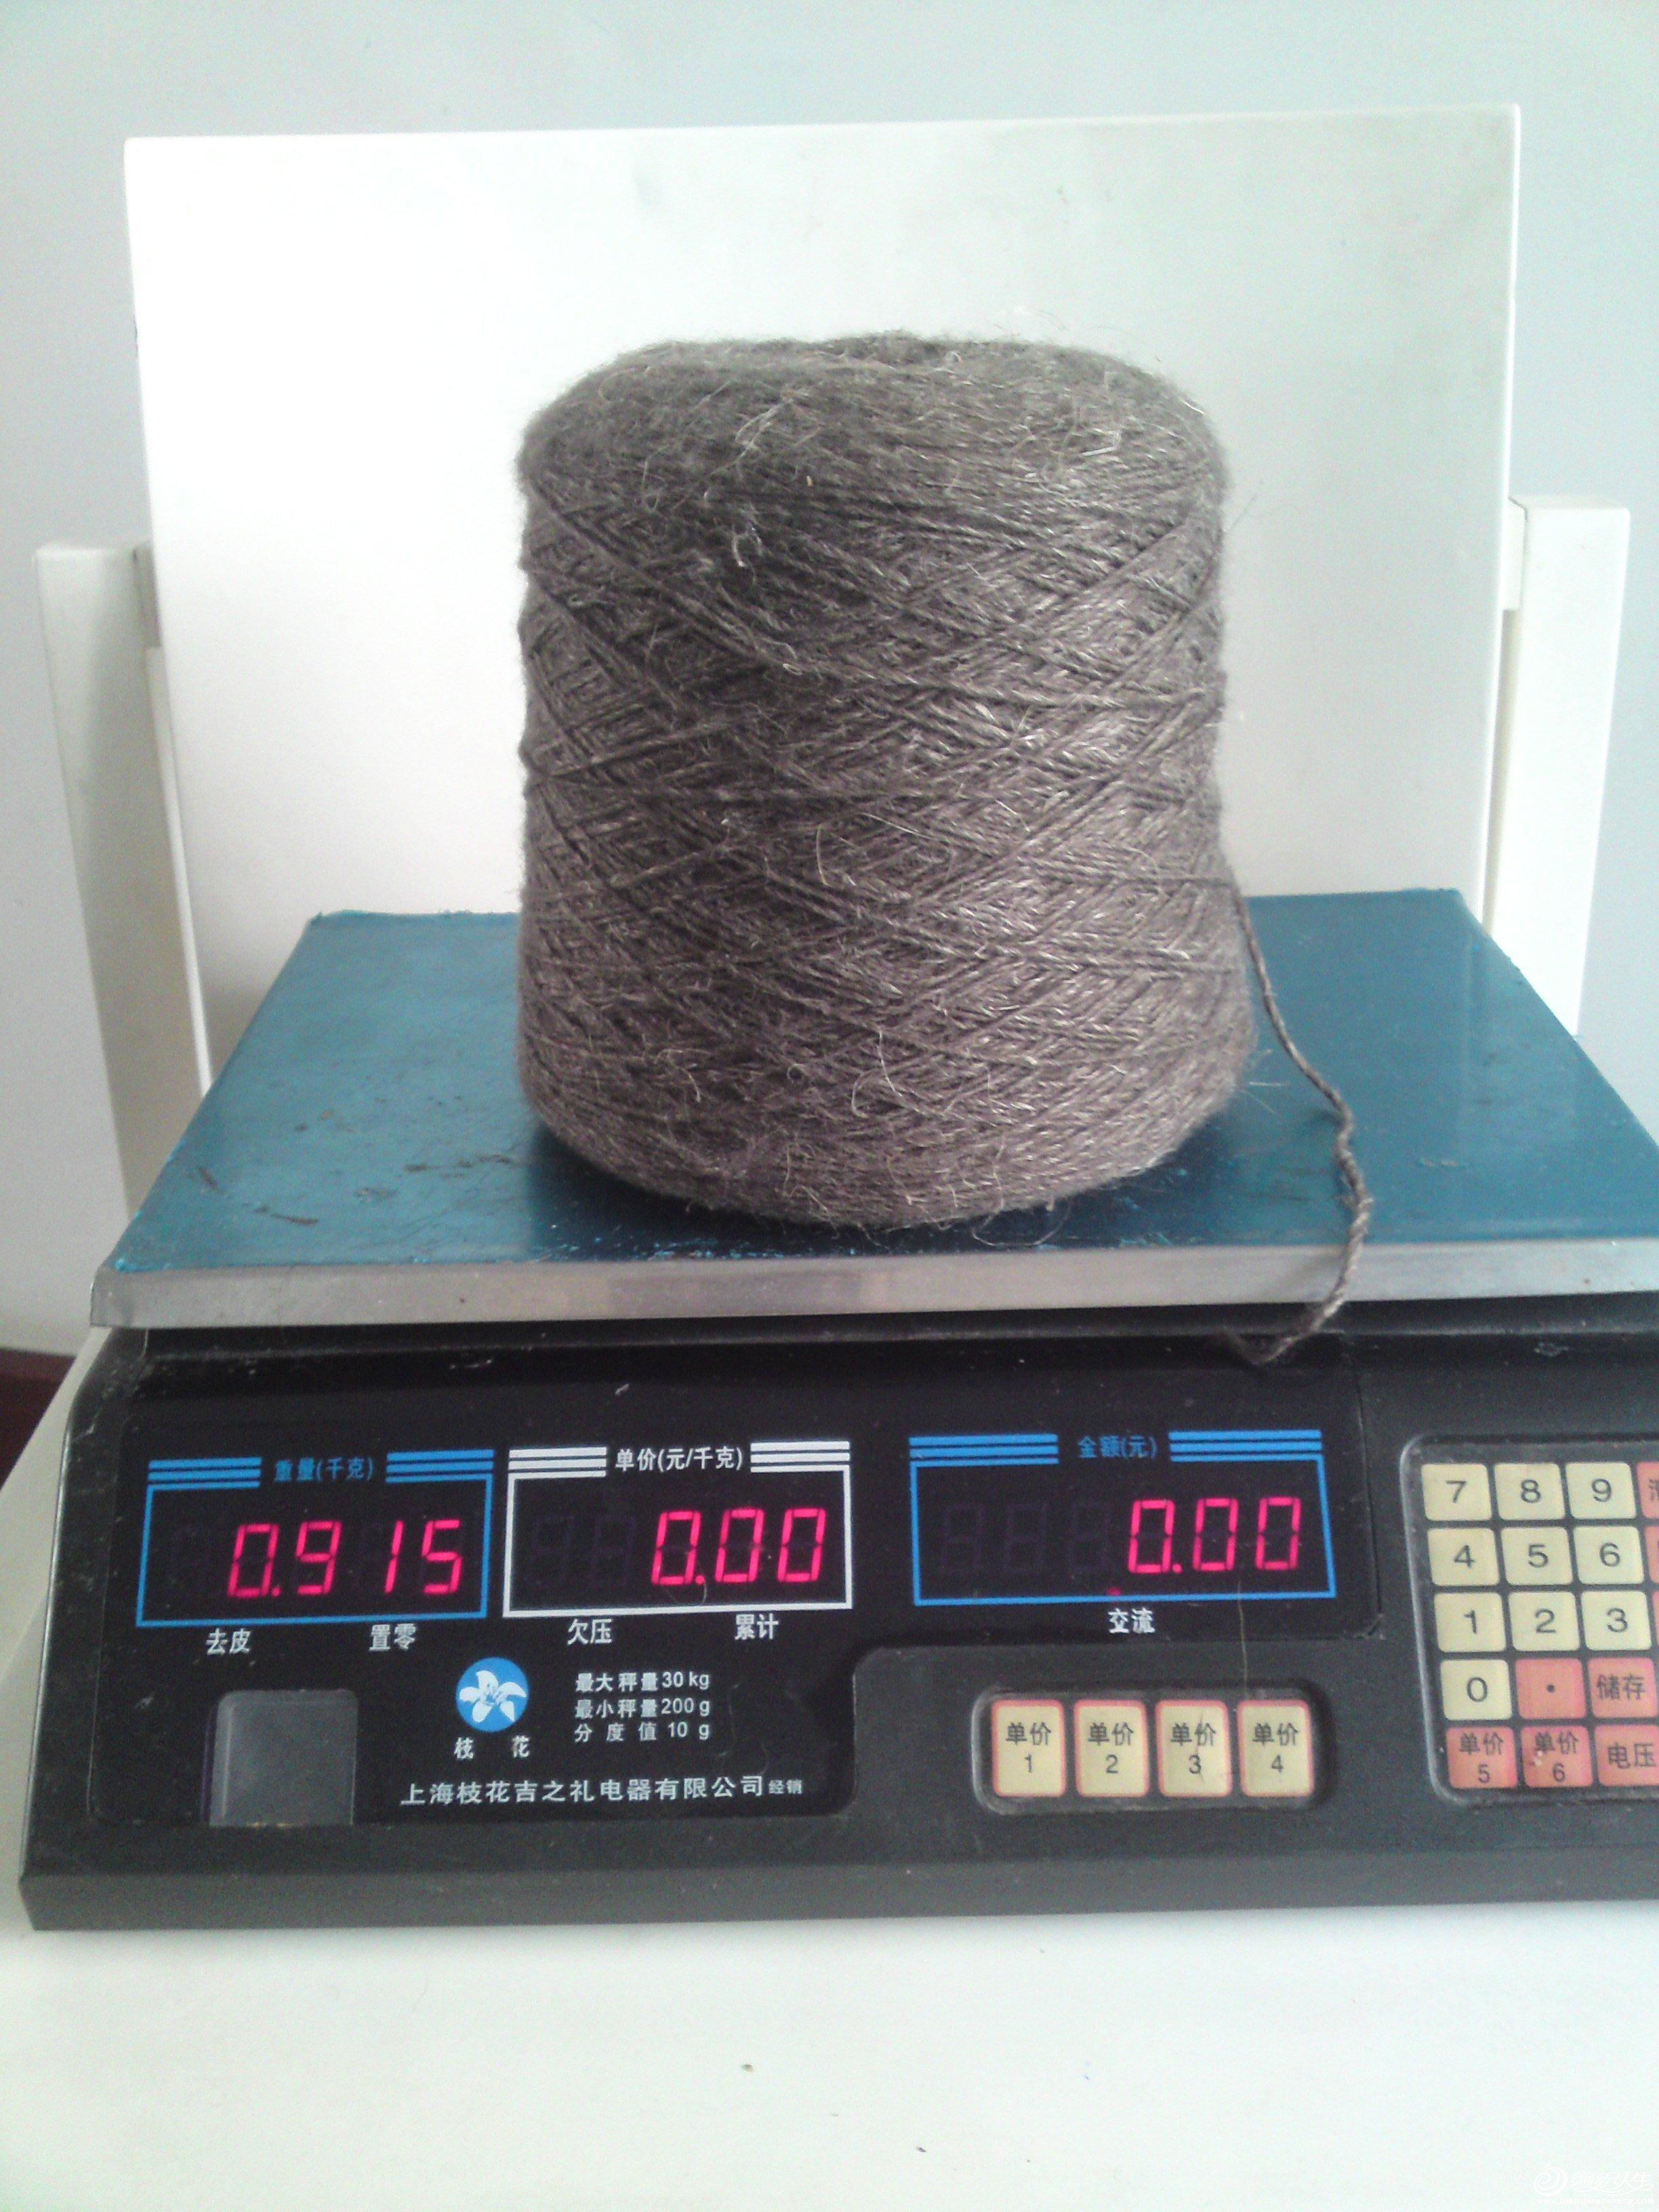 粗矿风格的驼毛,烧后全灰,25元/斤,实物偏深一点(可分)